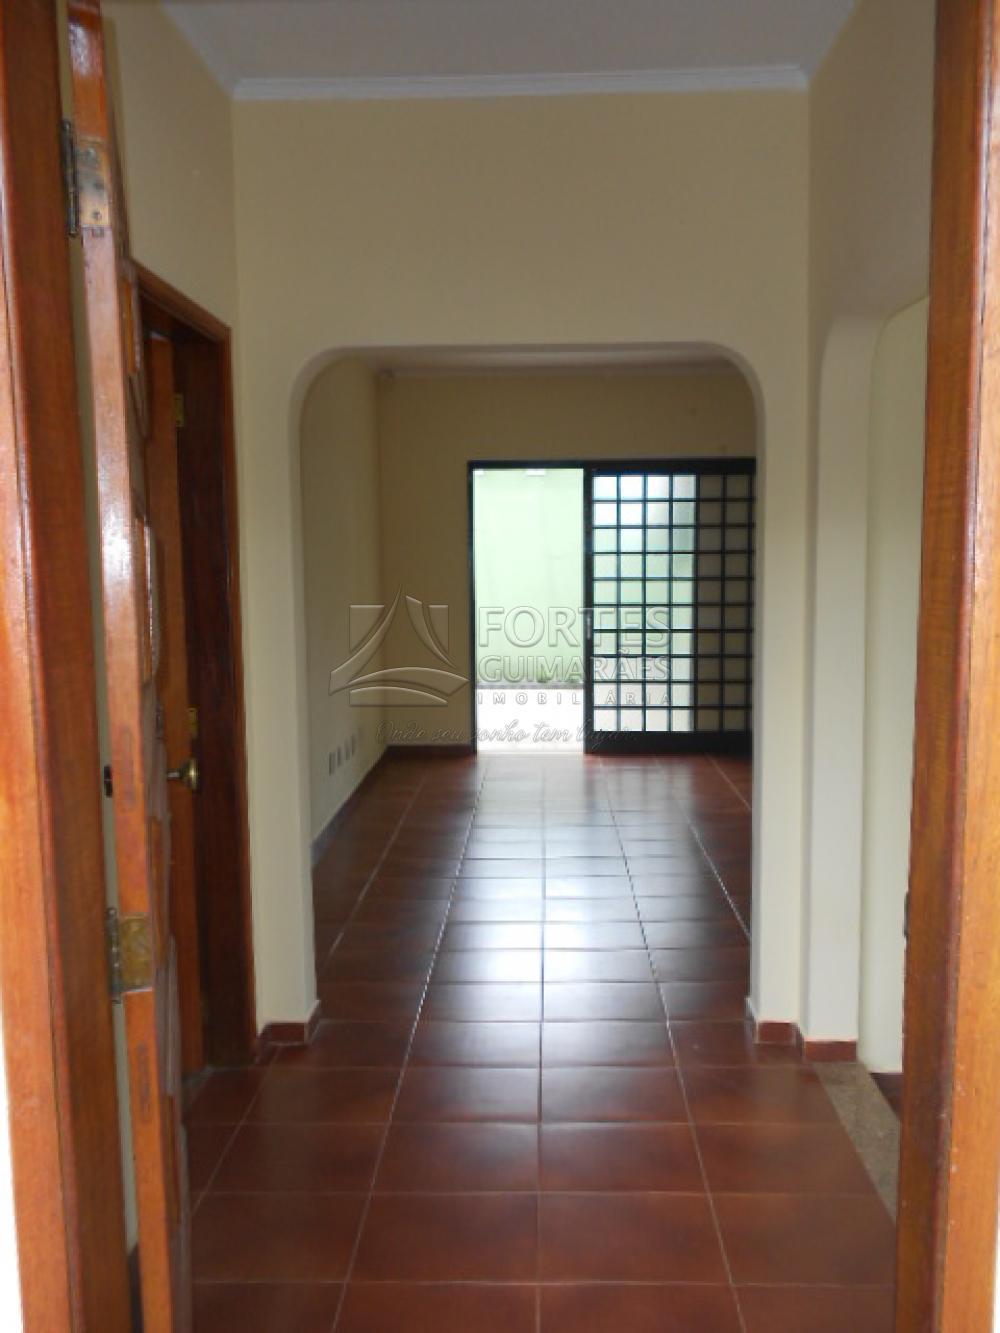 Alugar Comercial / Imóvel Comercial em Ribeirão Preto apenas R$ 5.000,00 - Foto 7